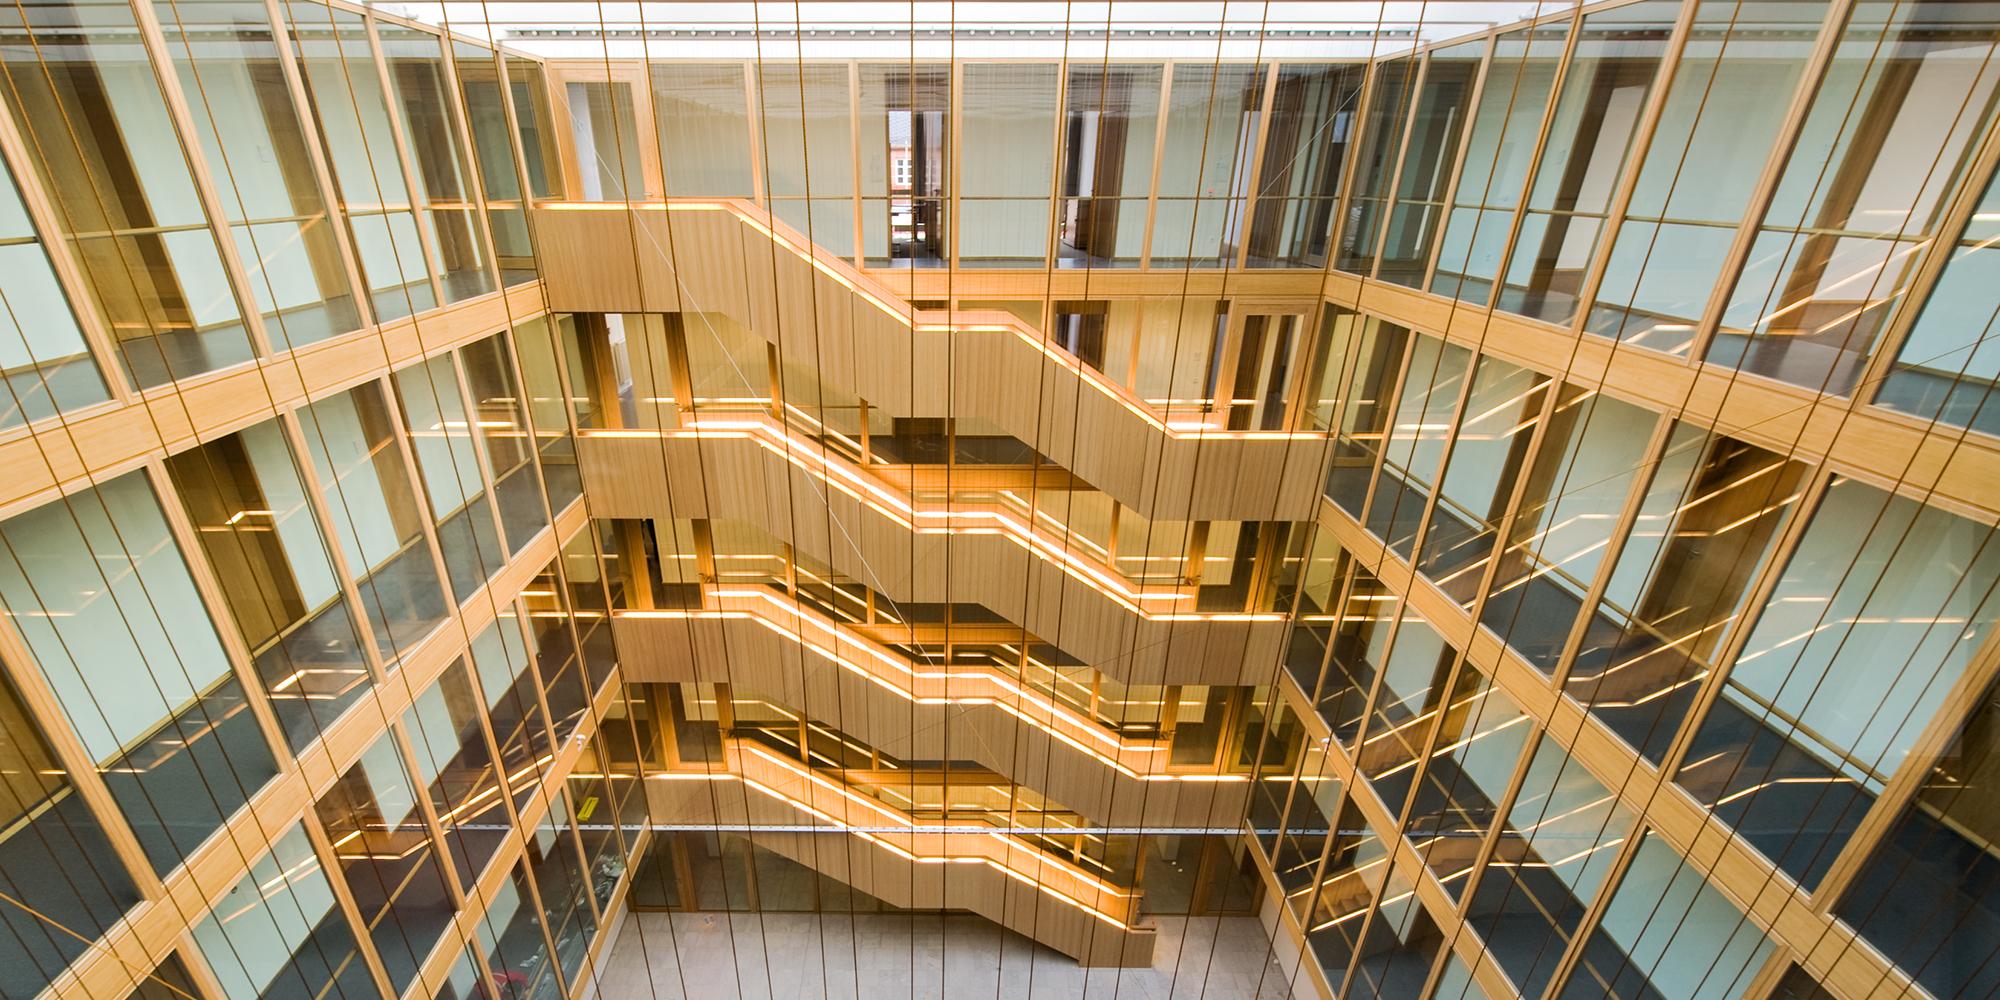 Justizzentrum, Oberlandesgericht, Polizeirevier Foyer